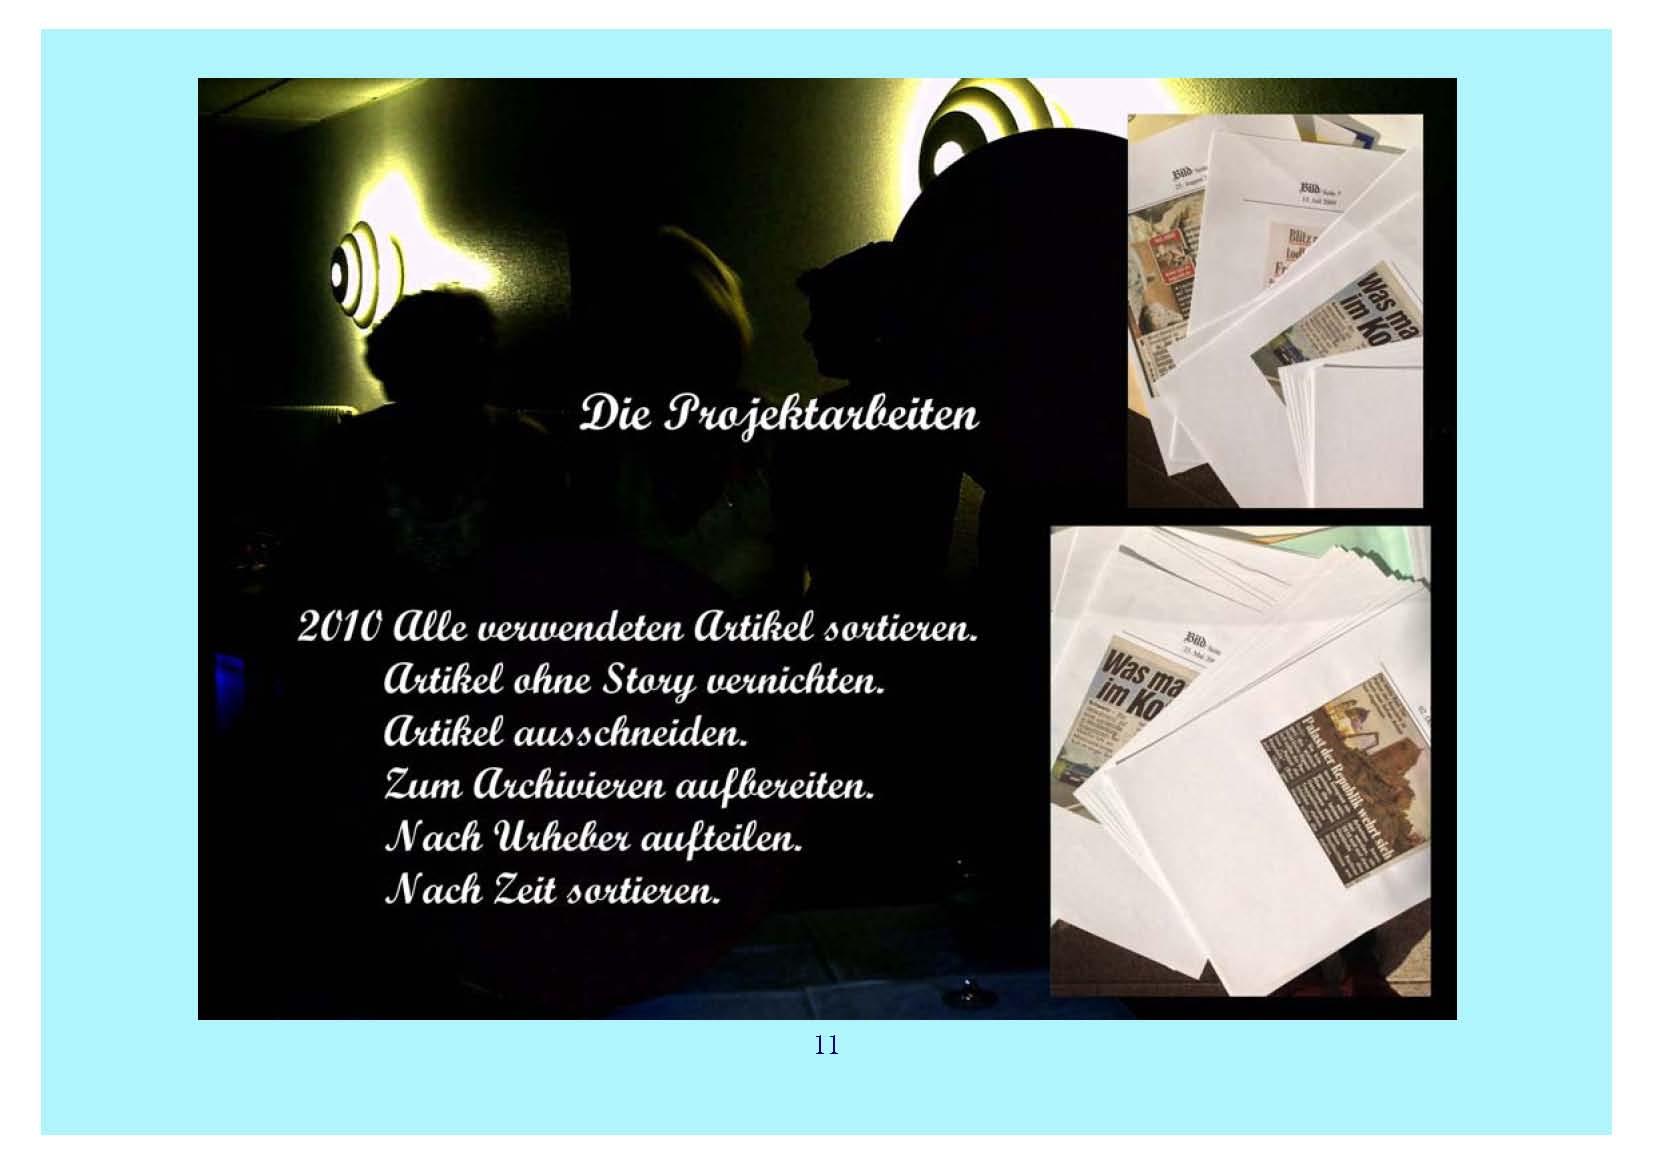 ™Gigabuch-Bibliothek/iAutobiographie Band 23/Bild 1708